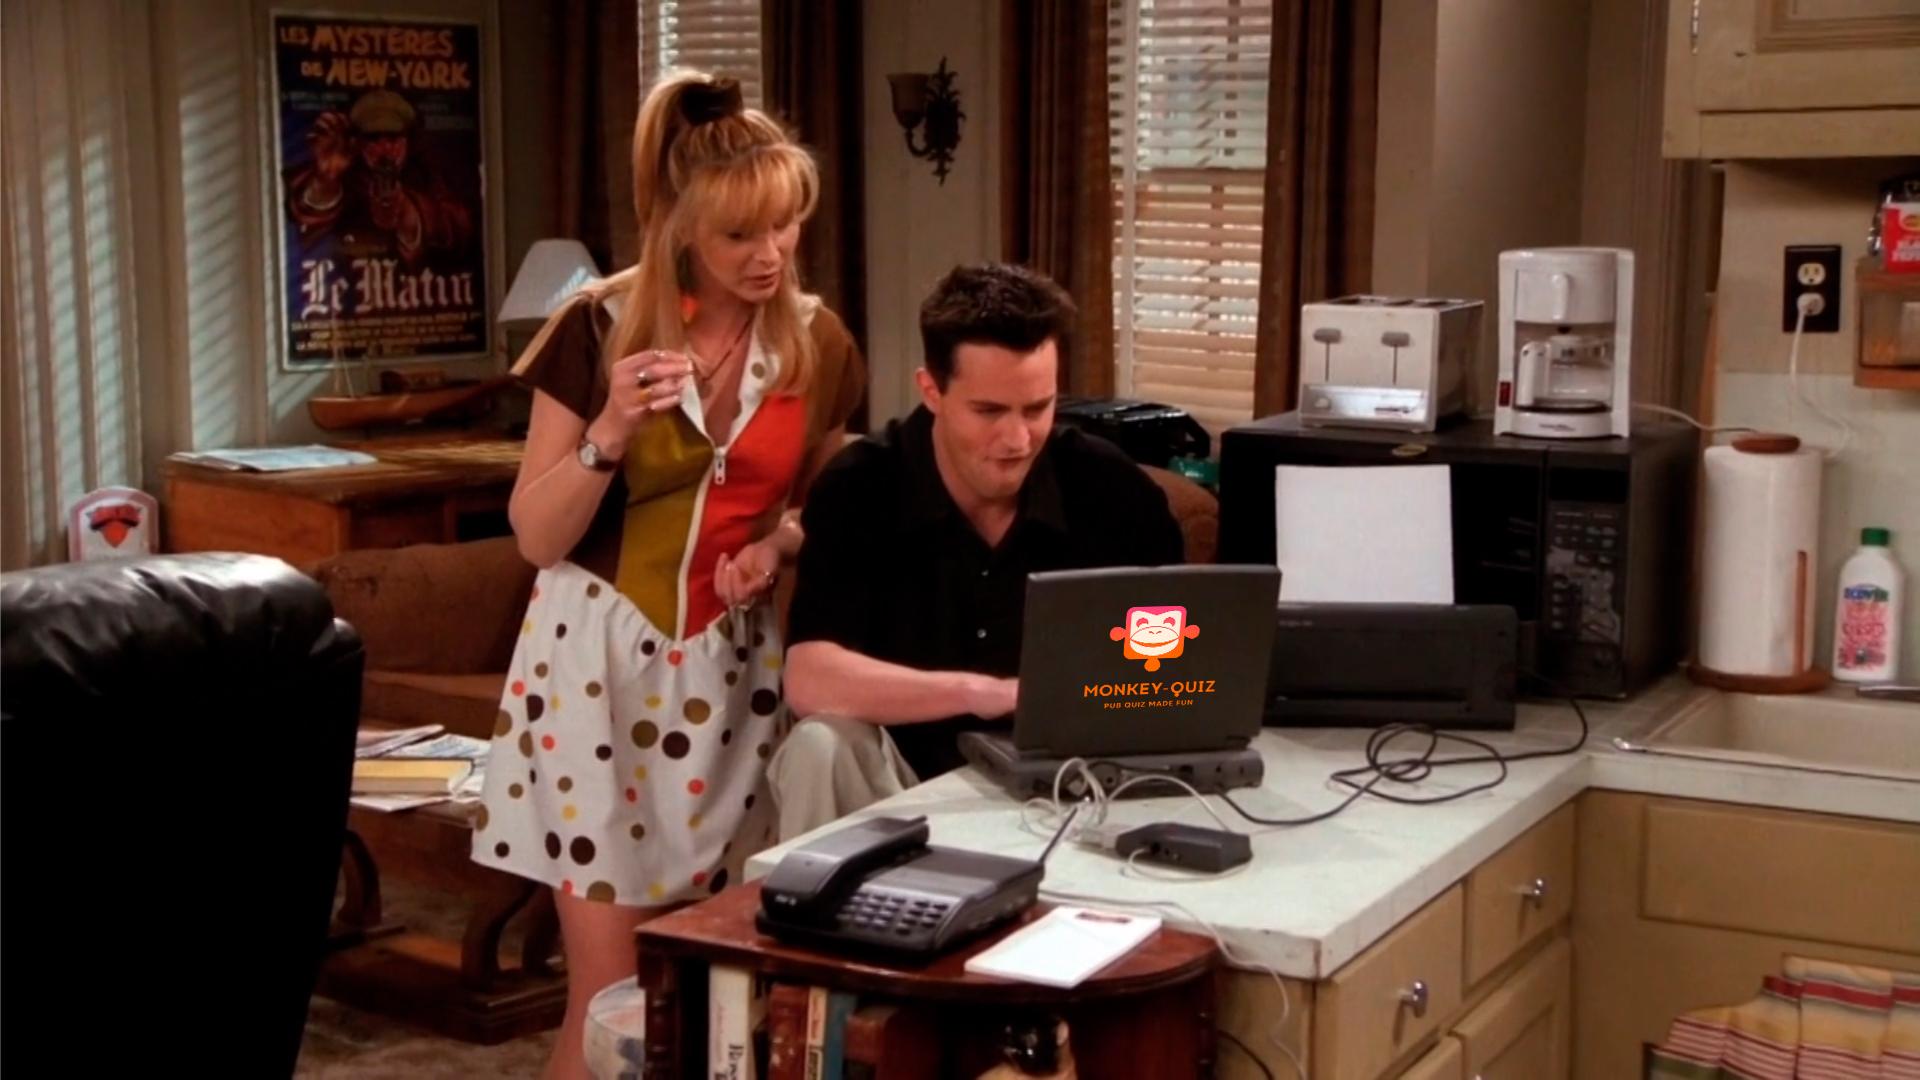 Na, weißt du alles über Friends? Beweise dein Können online beim Monkeyquiz.